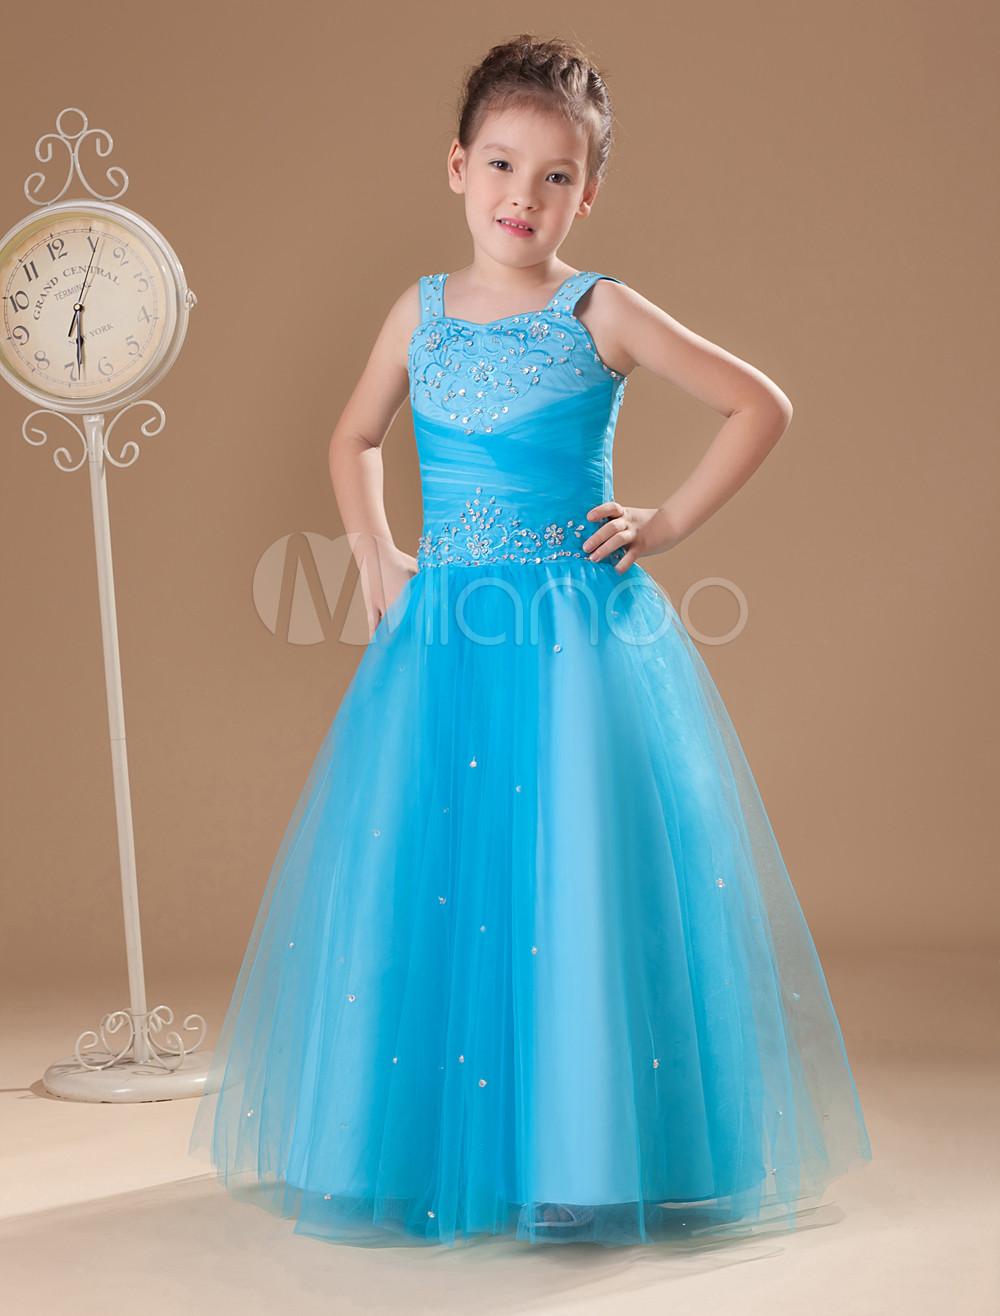 Imagenes de vestidos azul turquesa para ninas